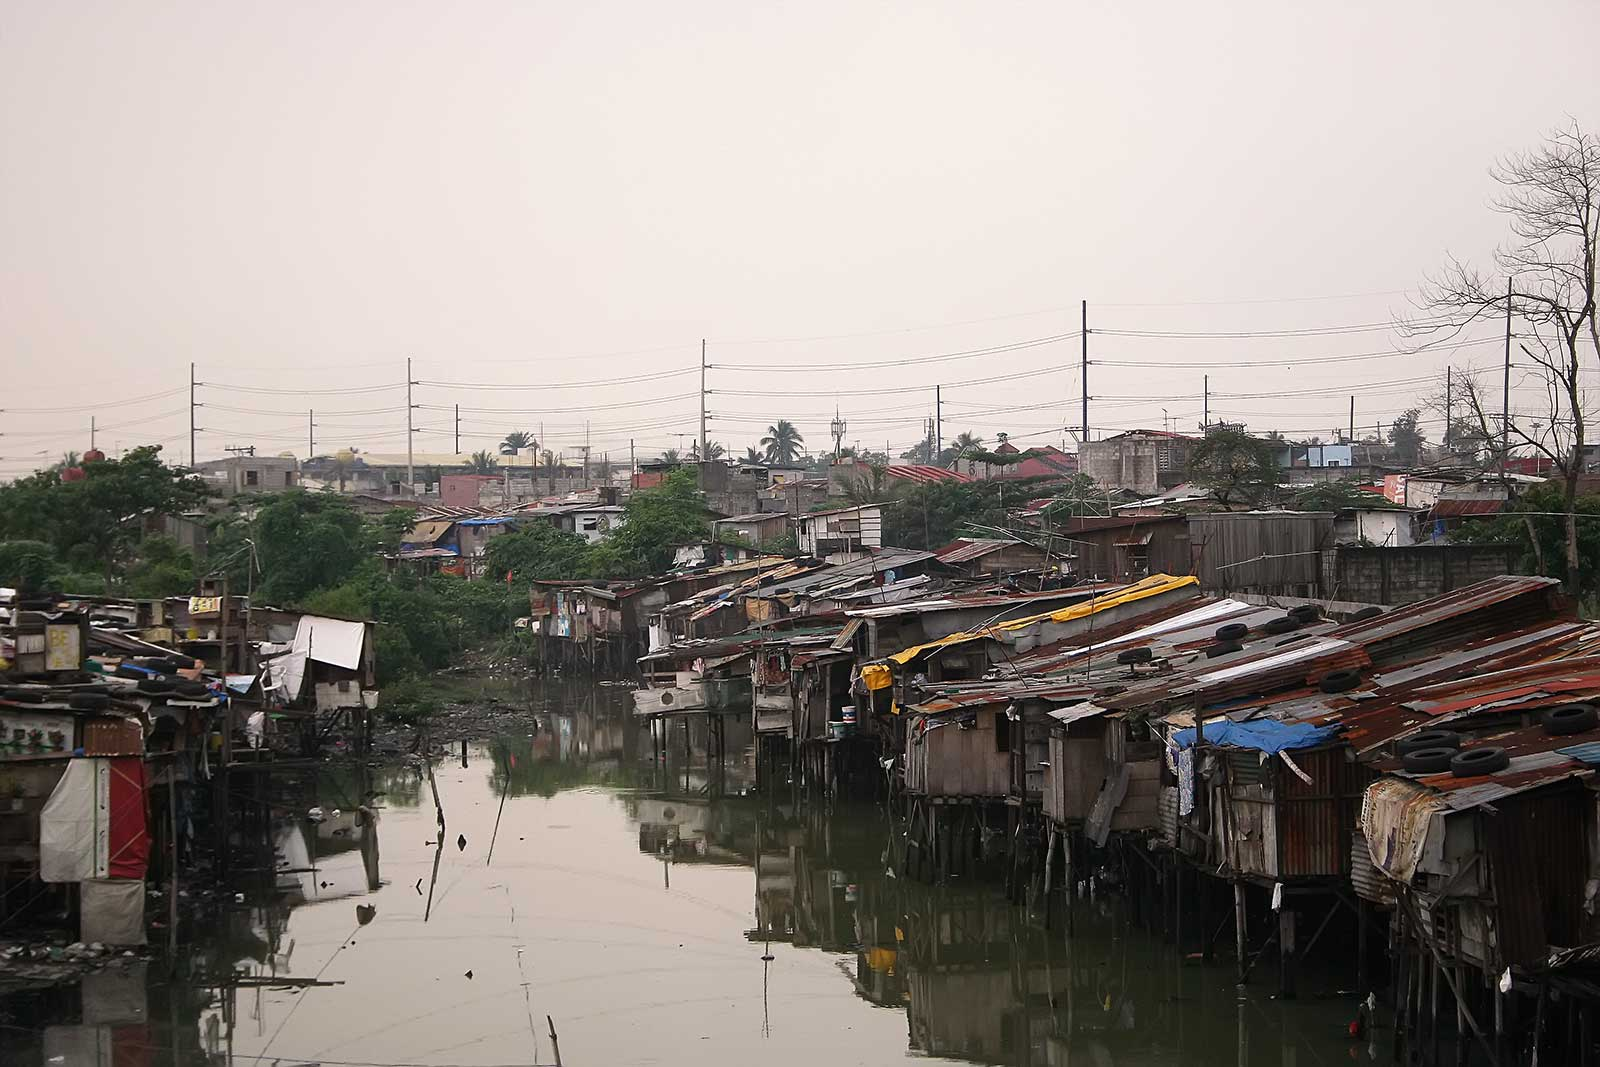 manila-slums-poverty-philippines-1